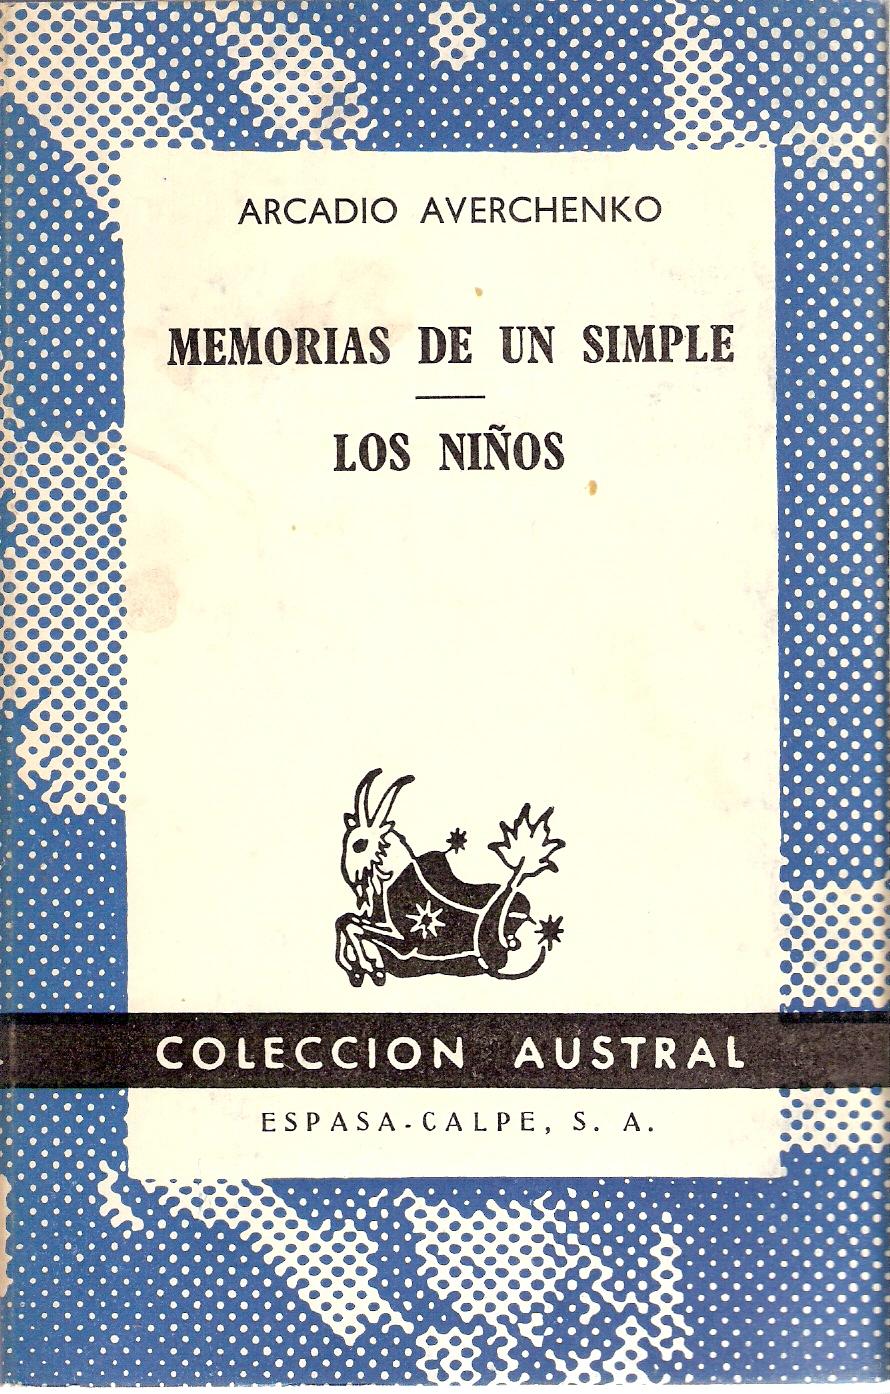 Memorias de un simple - Los niños